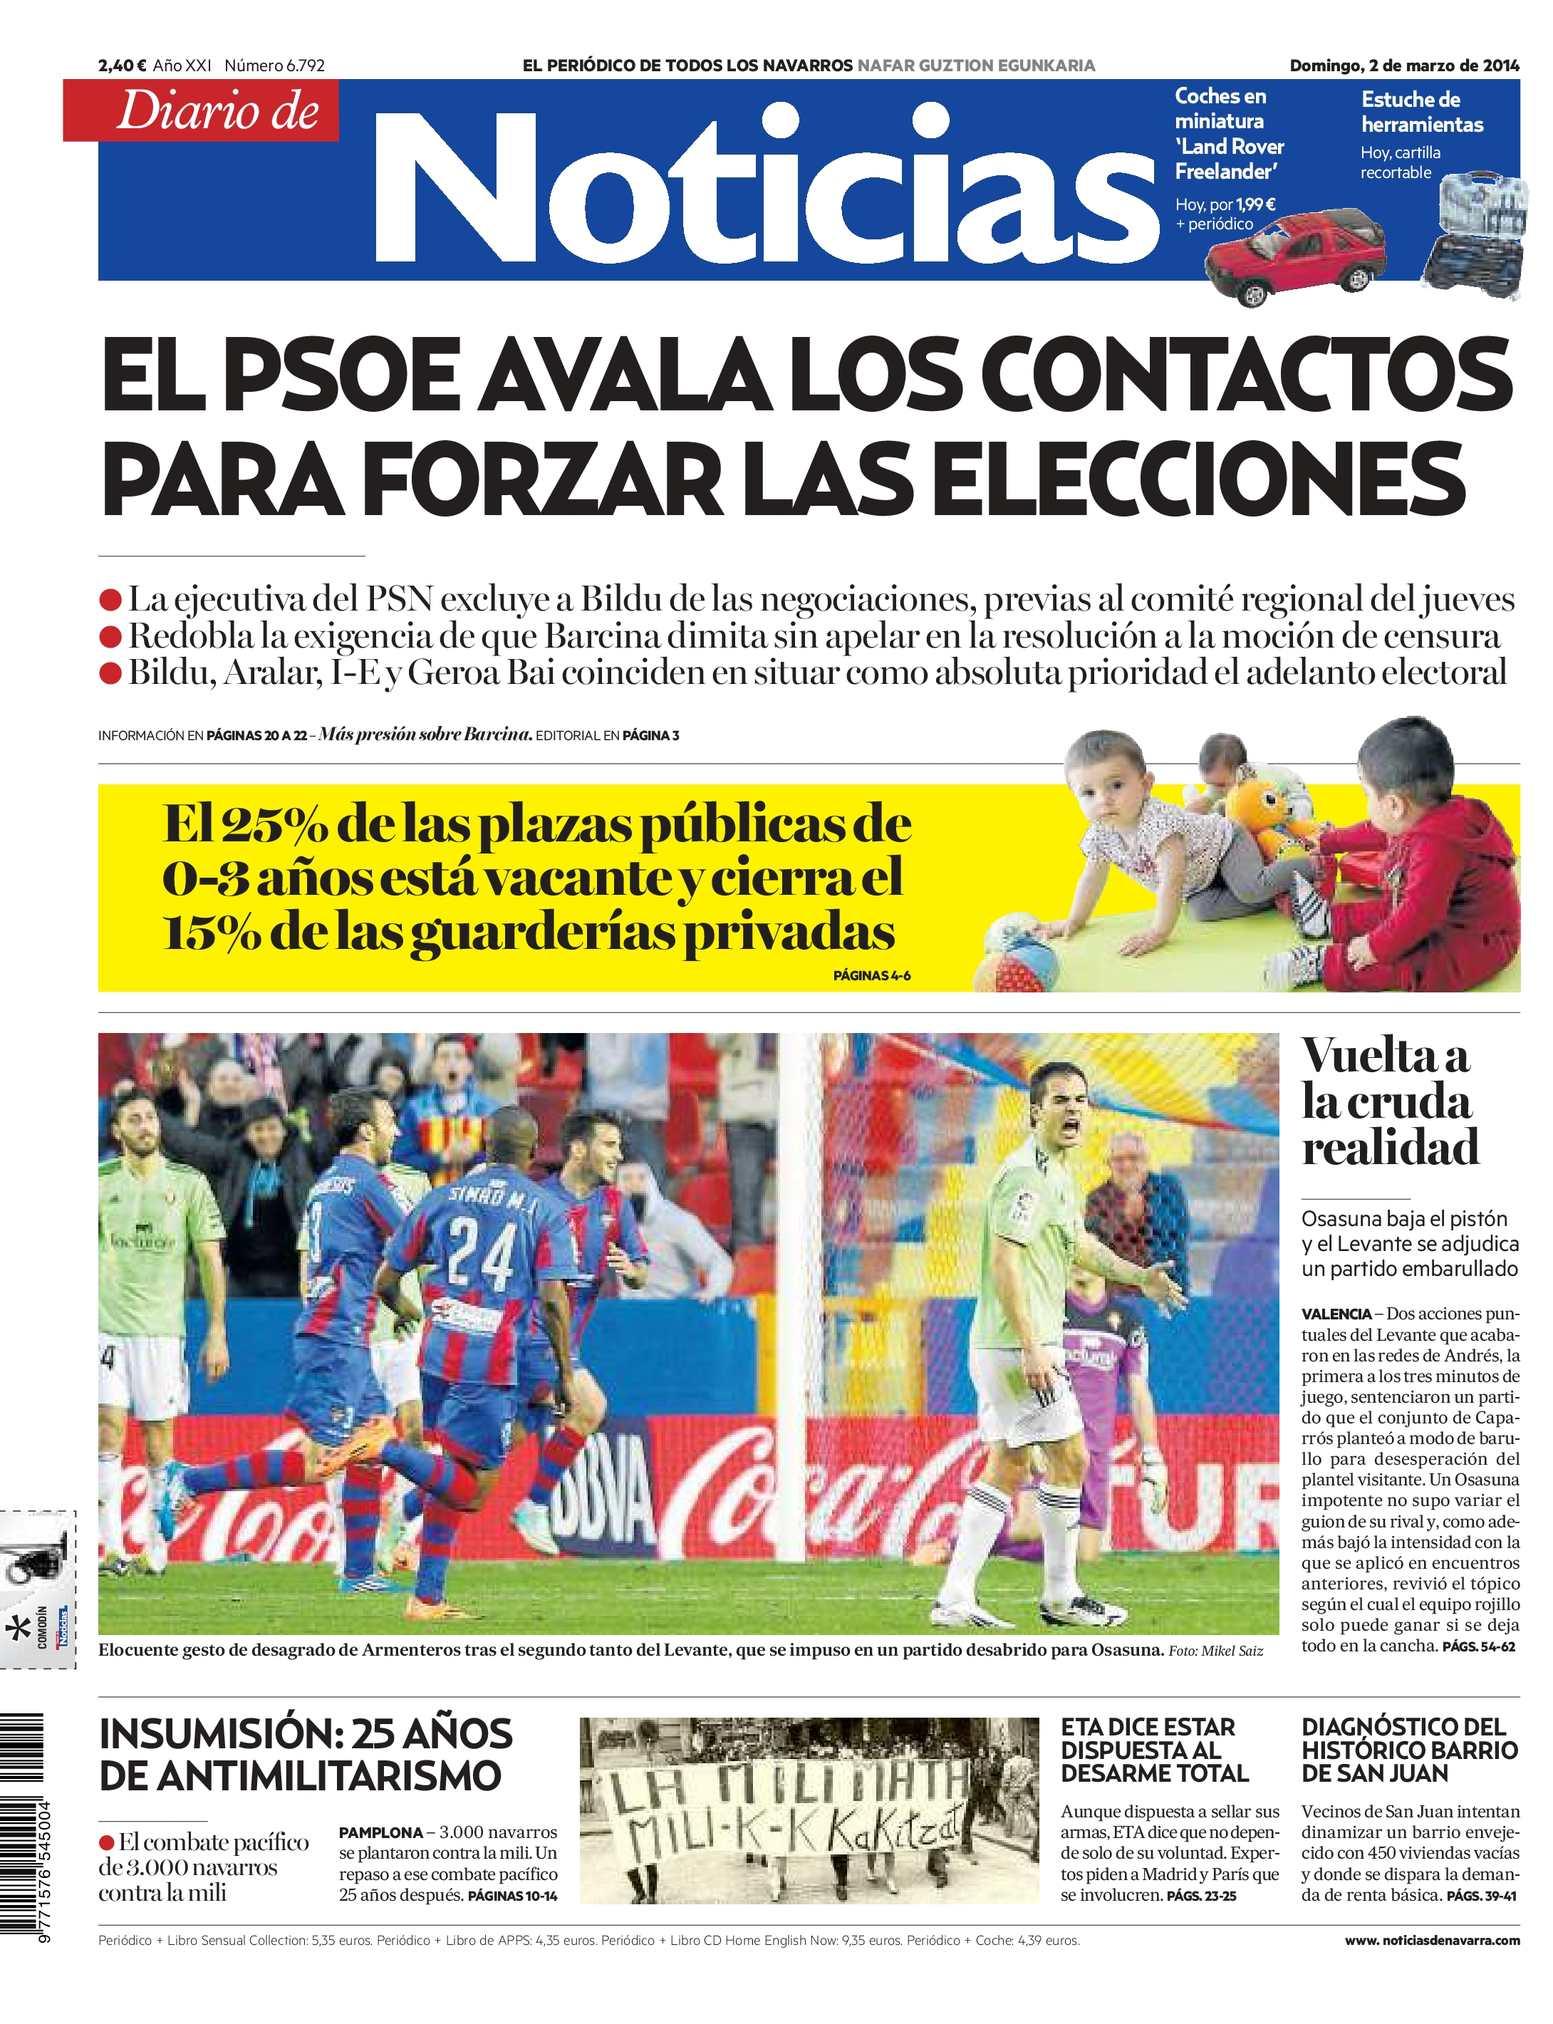 1e369c0c3 Calaméo - Diario de Noticias 20140302